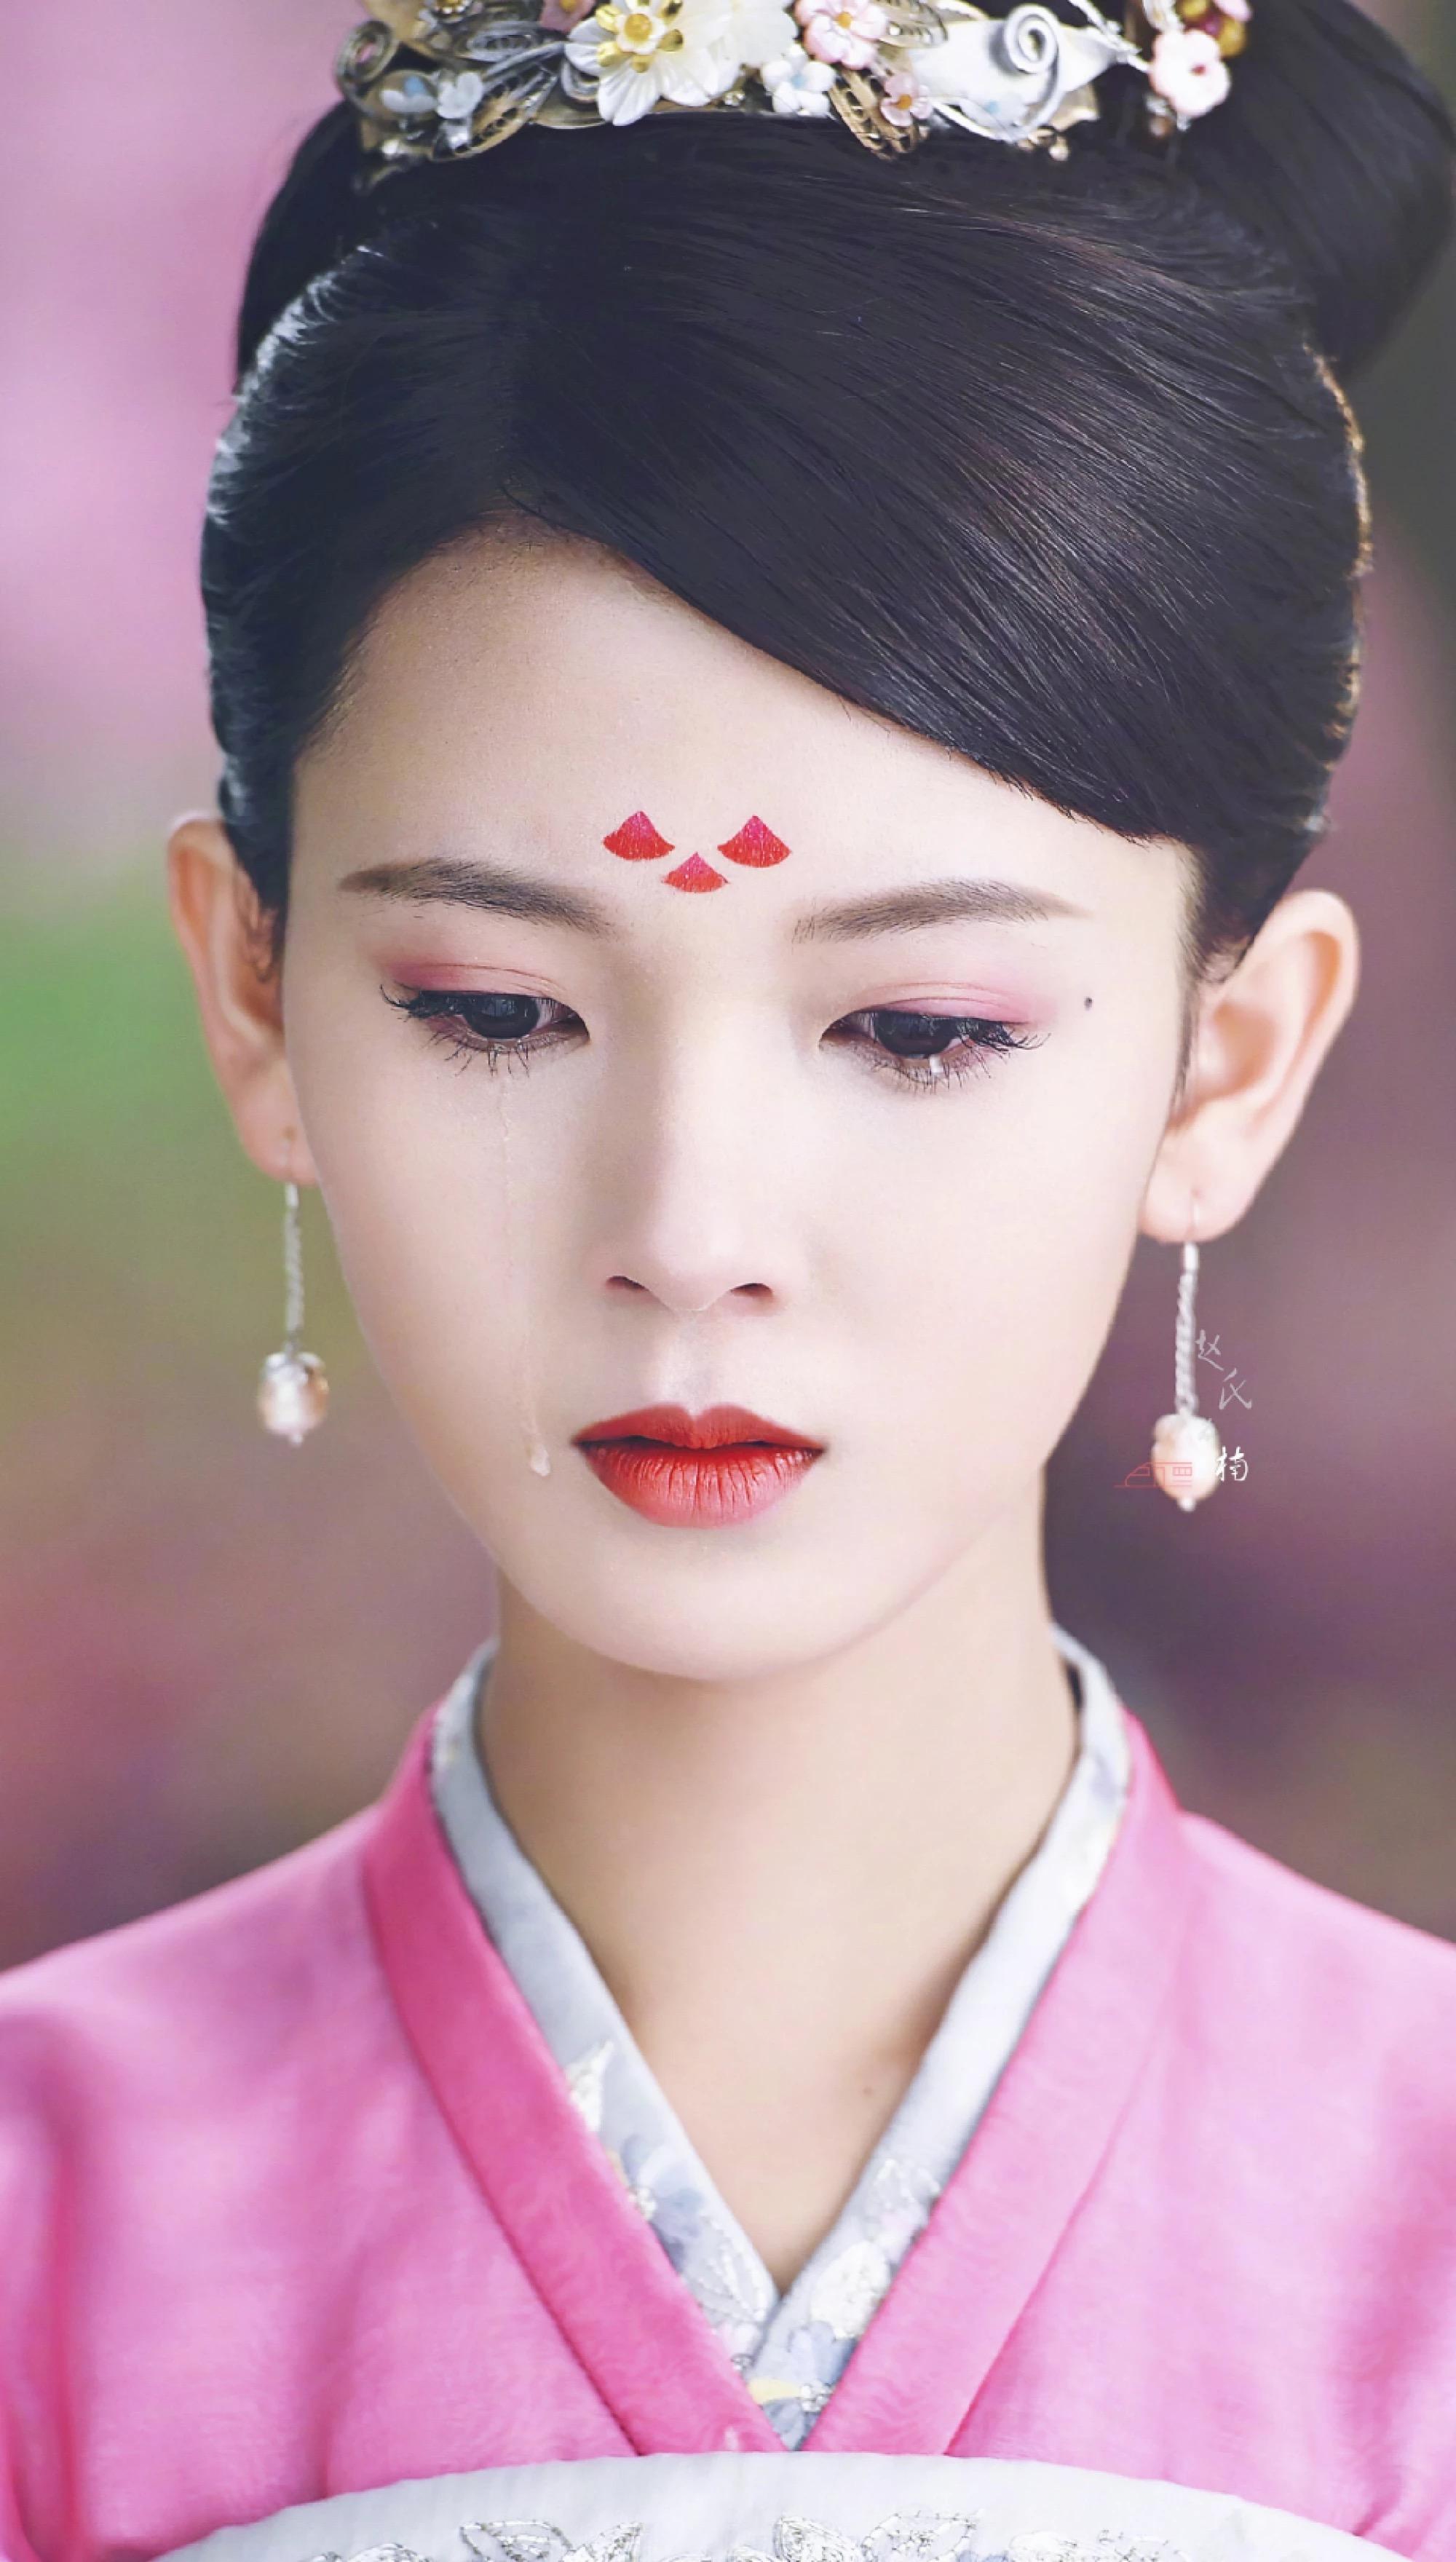 《有匪》要拍摄成电视剧,这位女星比赵丽颖更适合女主